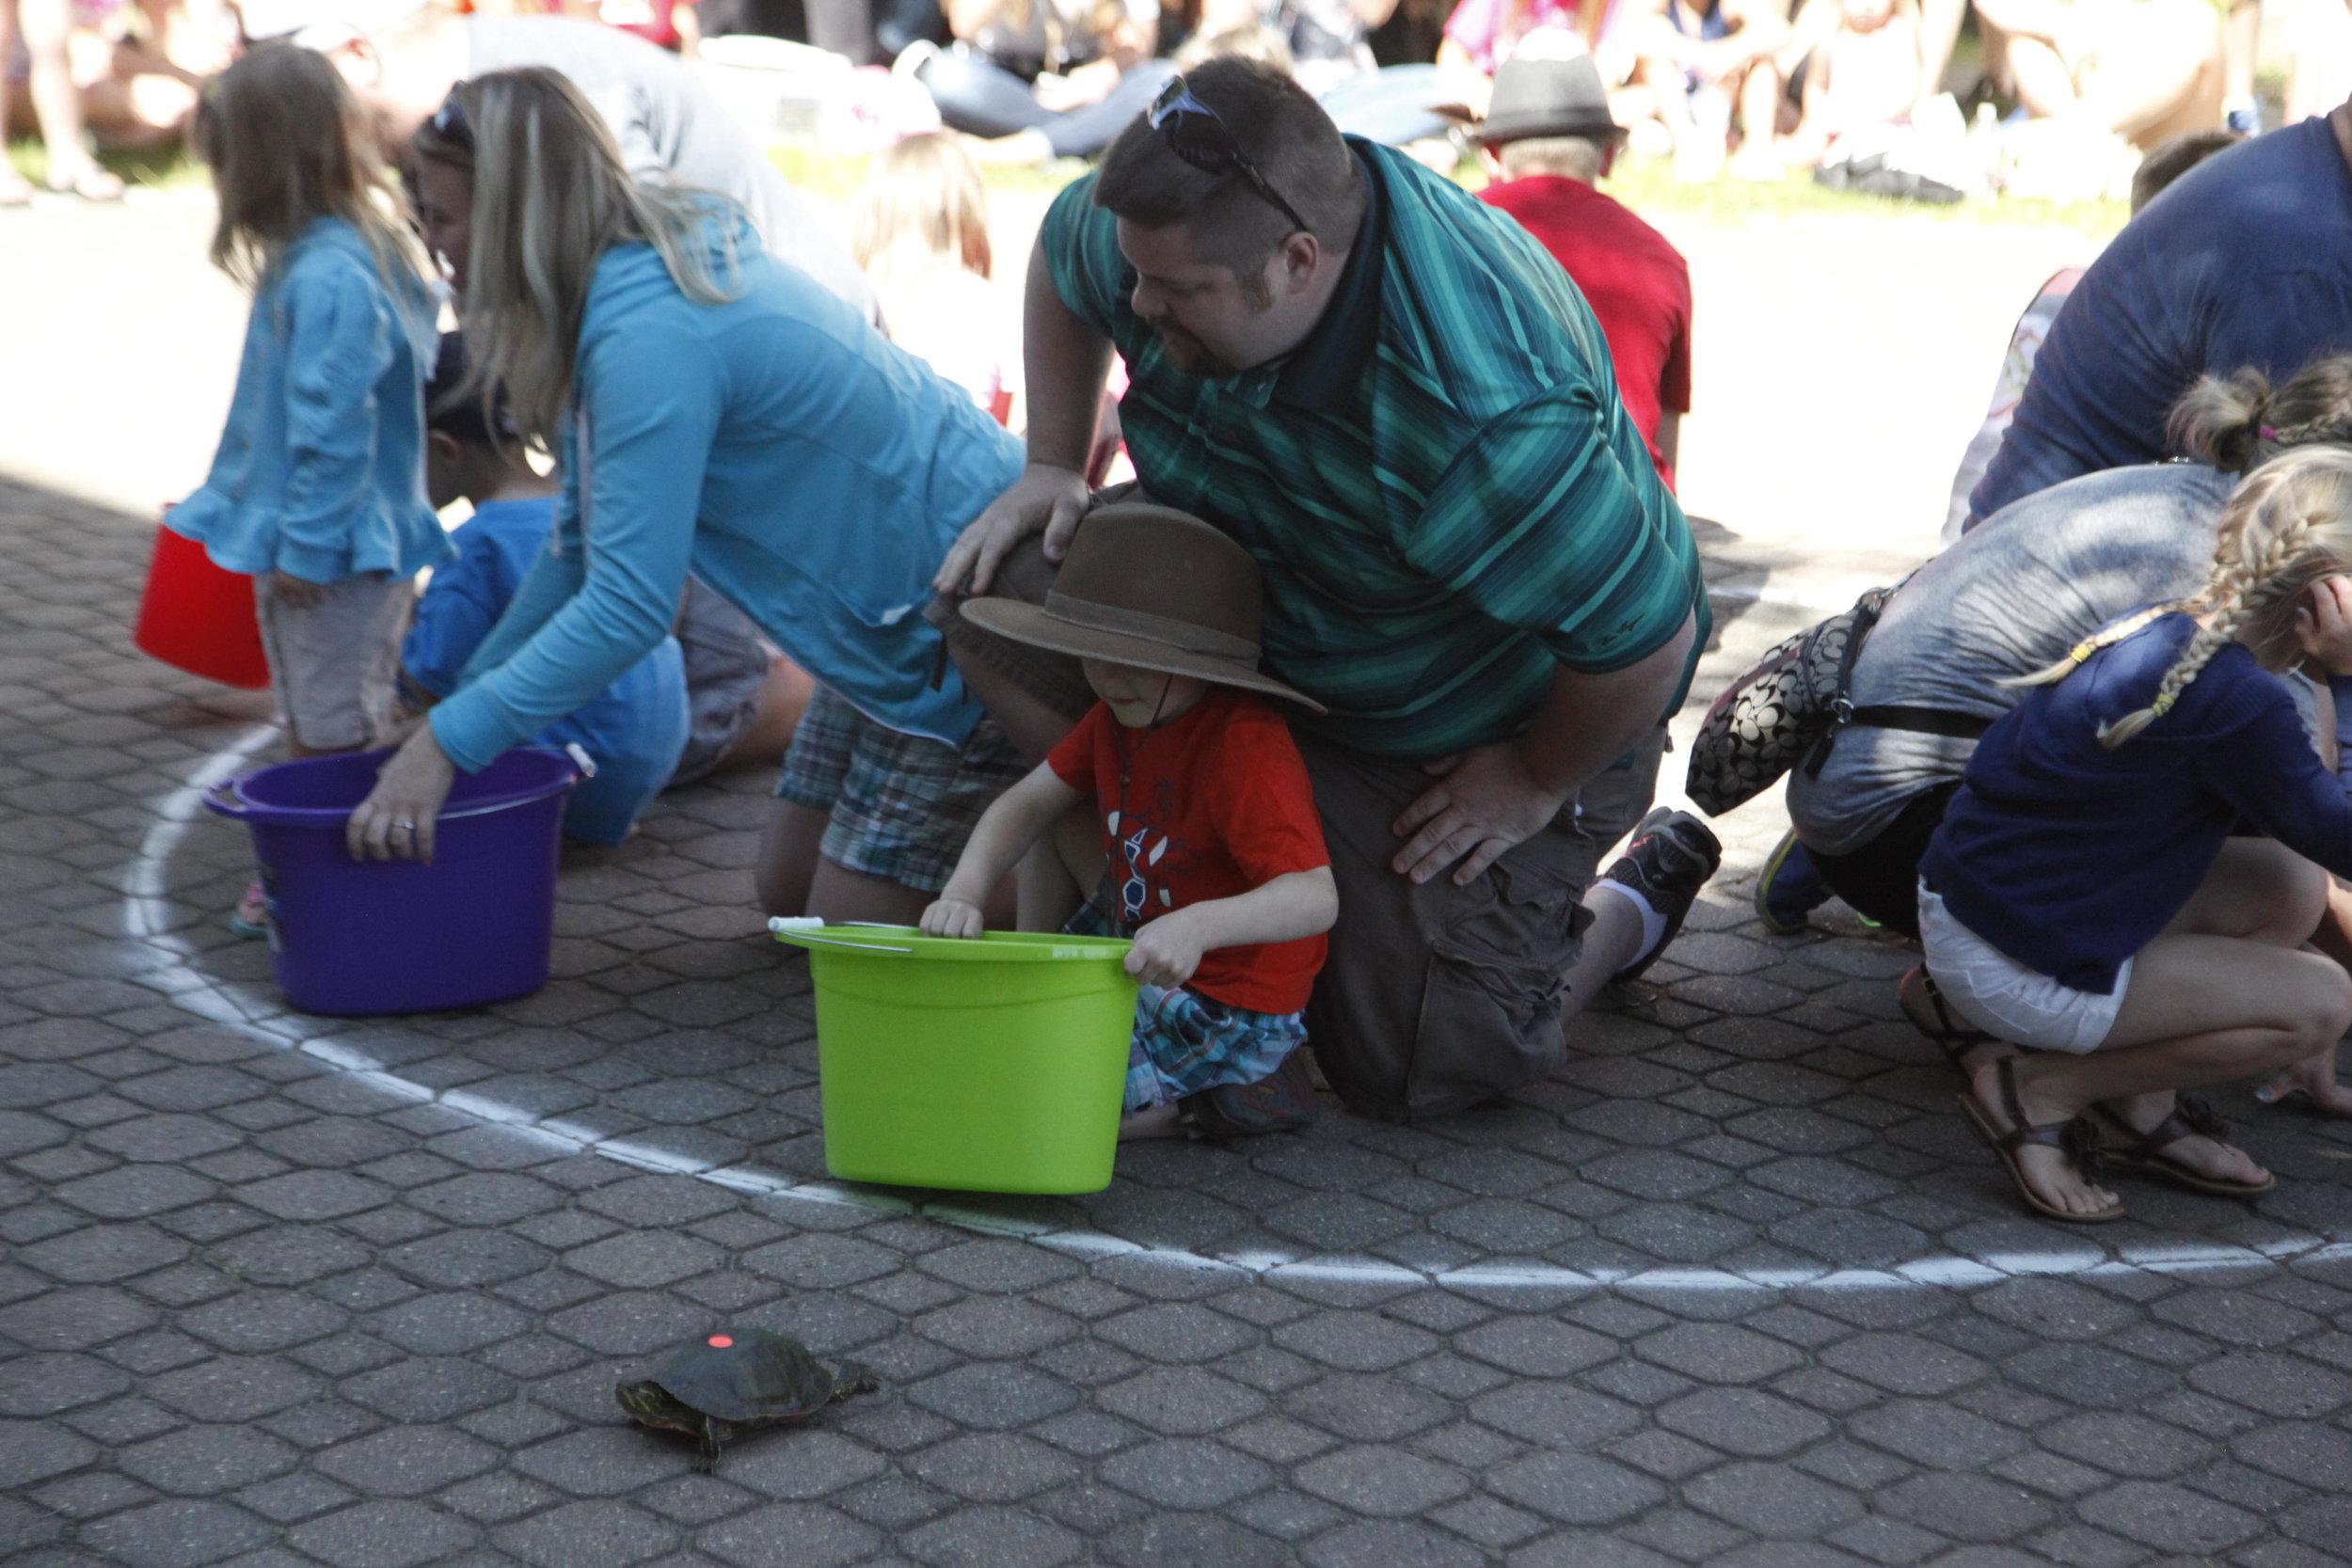 Turtle Fest is returning to Perham June 12-16. (Perham Focus File Photo)